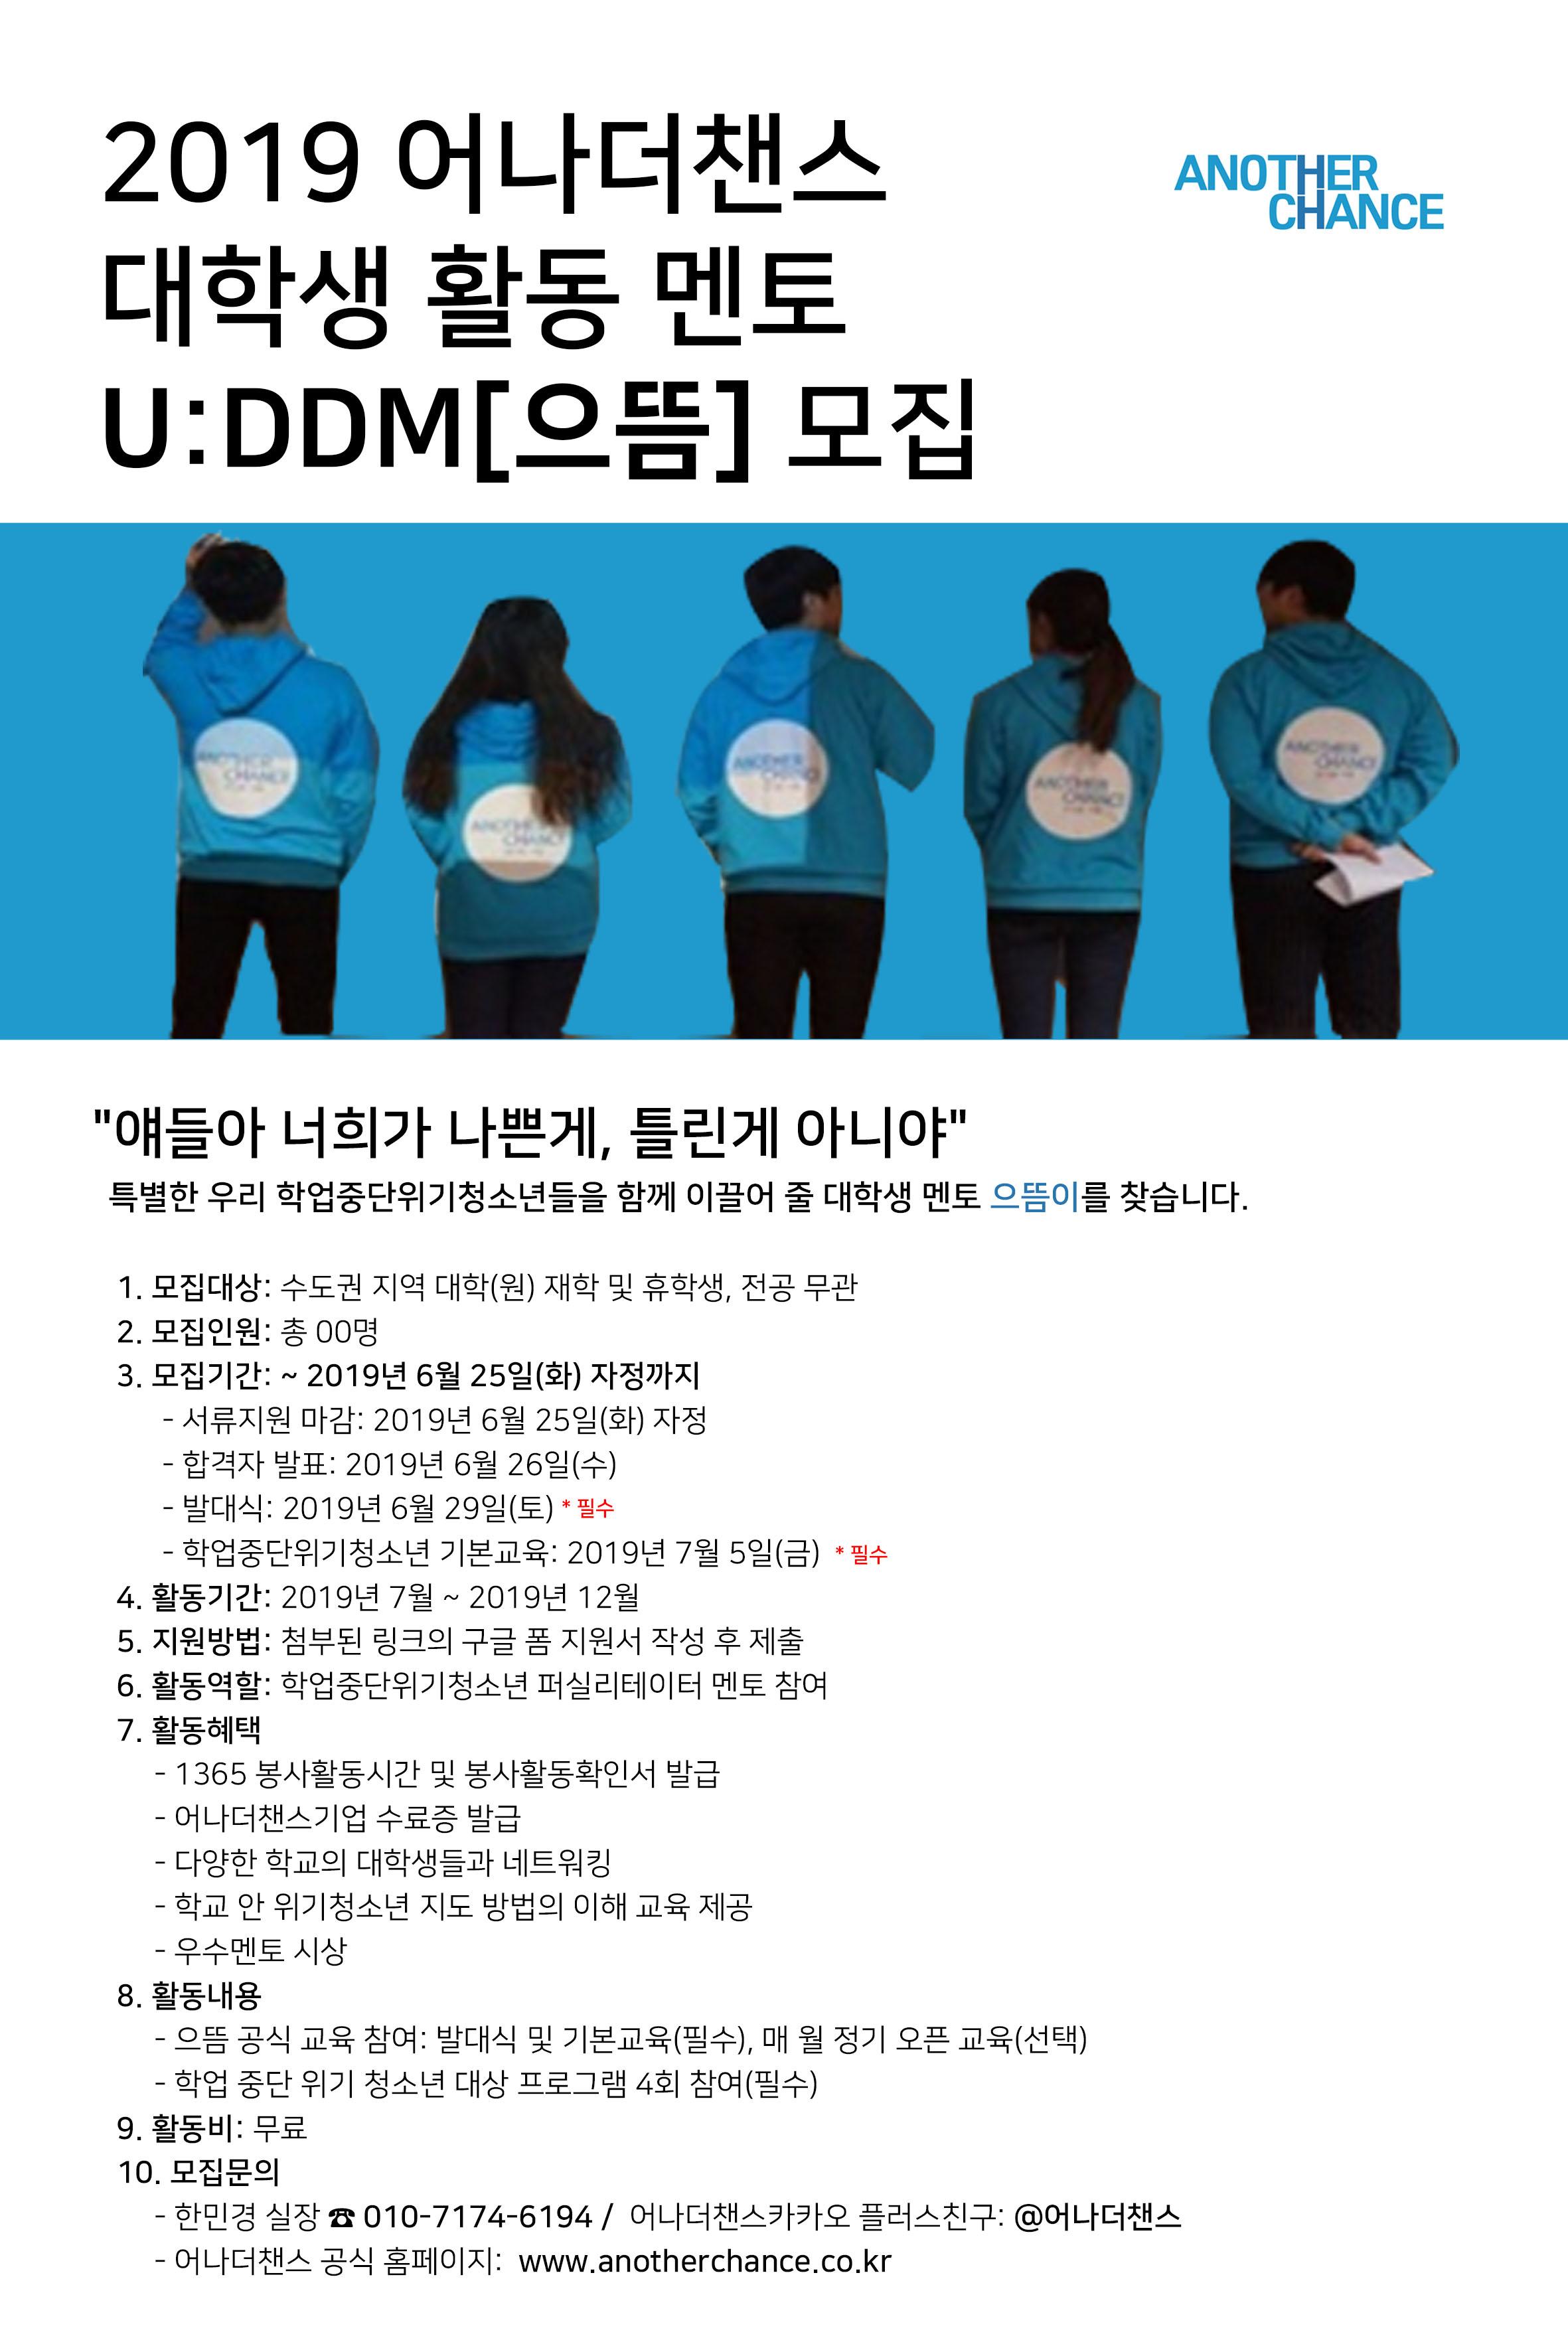 2019 어나더챈스 대학생 활동 멘토 모집